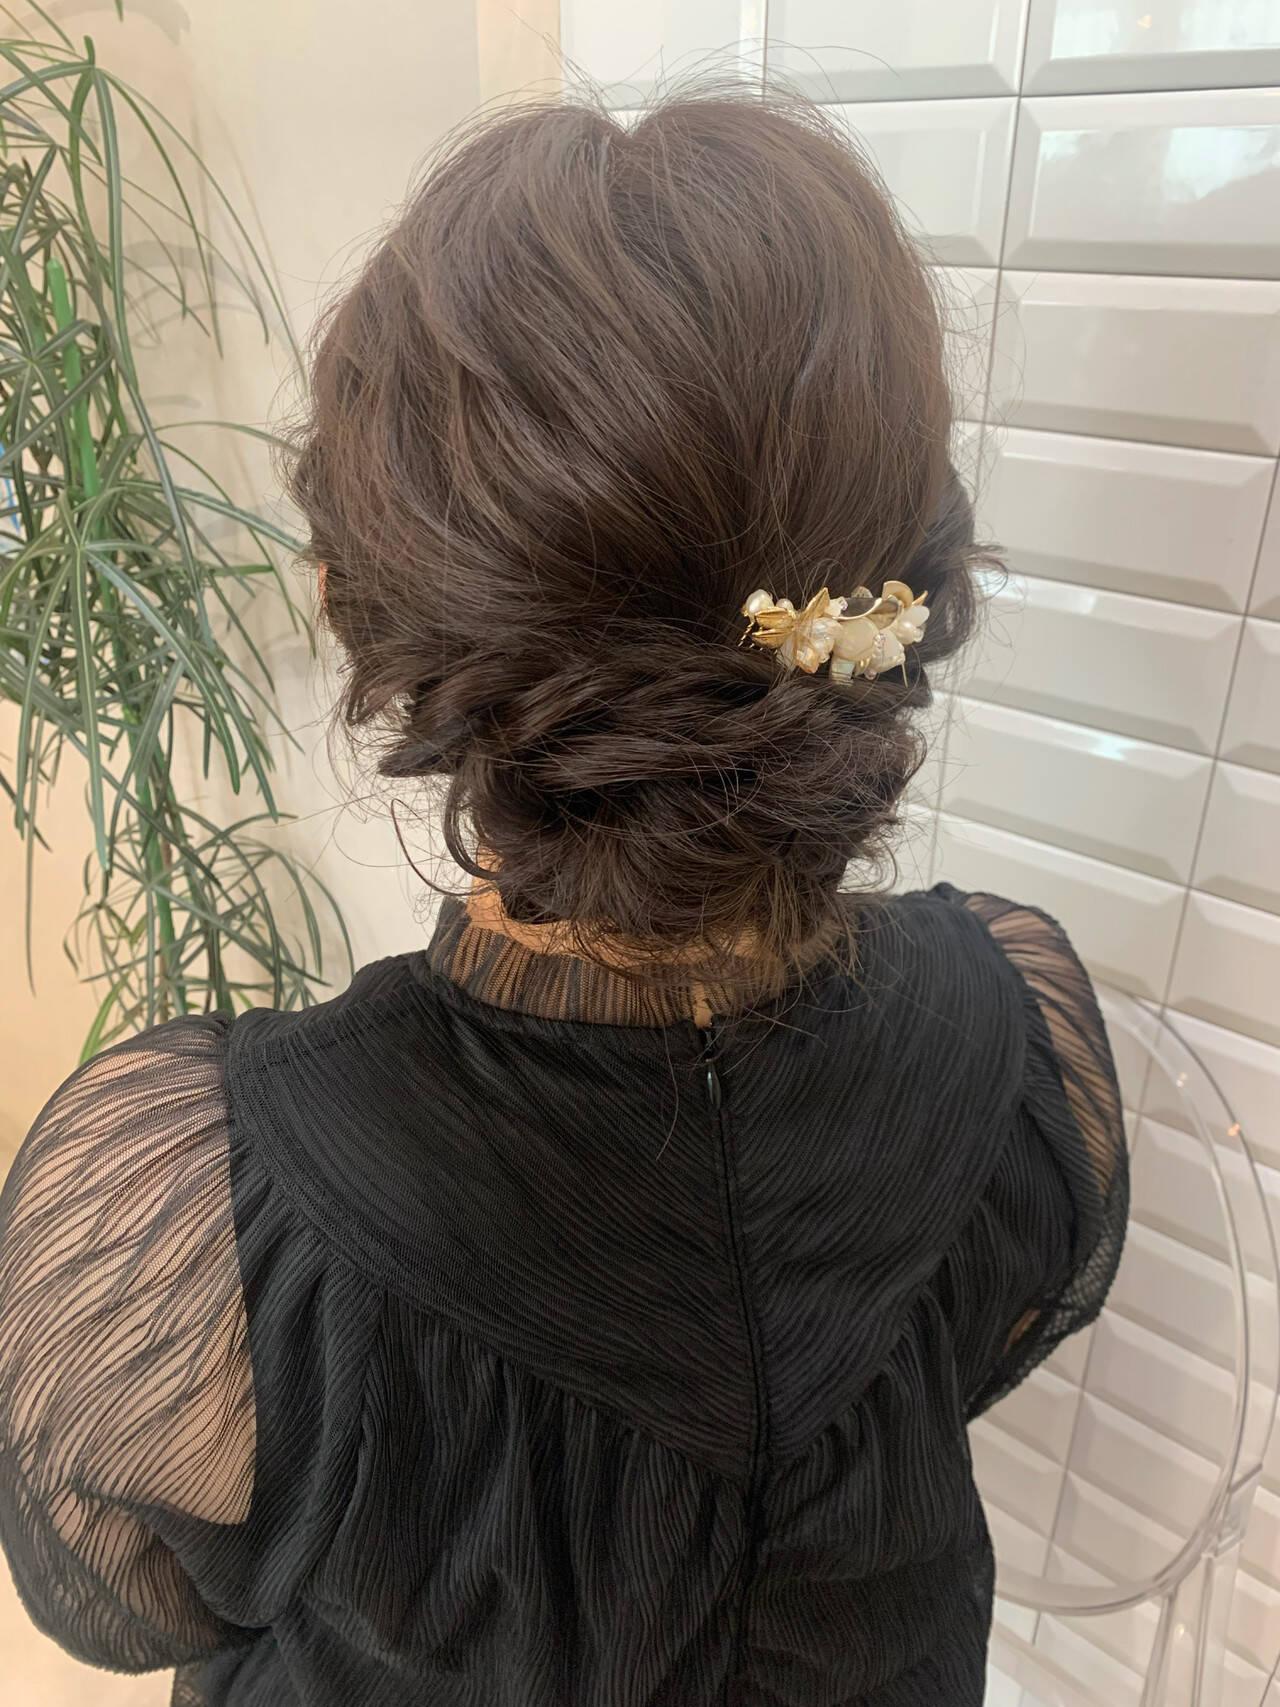 ふわふわヘアアレンジ 結婚式アレンジ ヘアセット ロングヘアスタイルや髪型の写真・画像